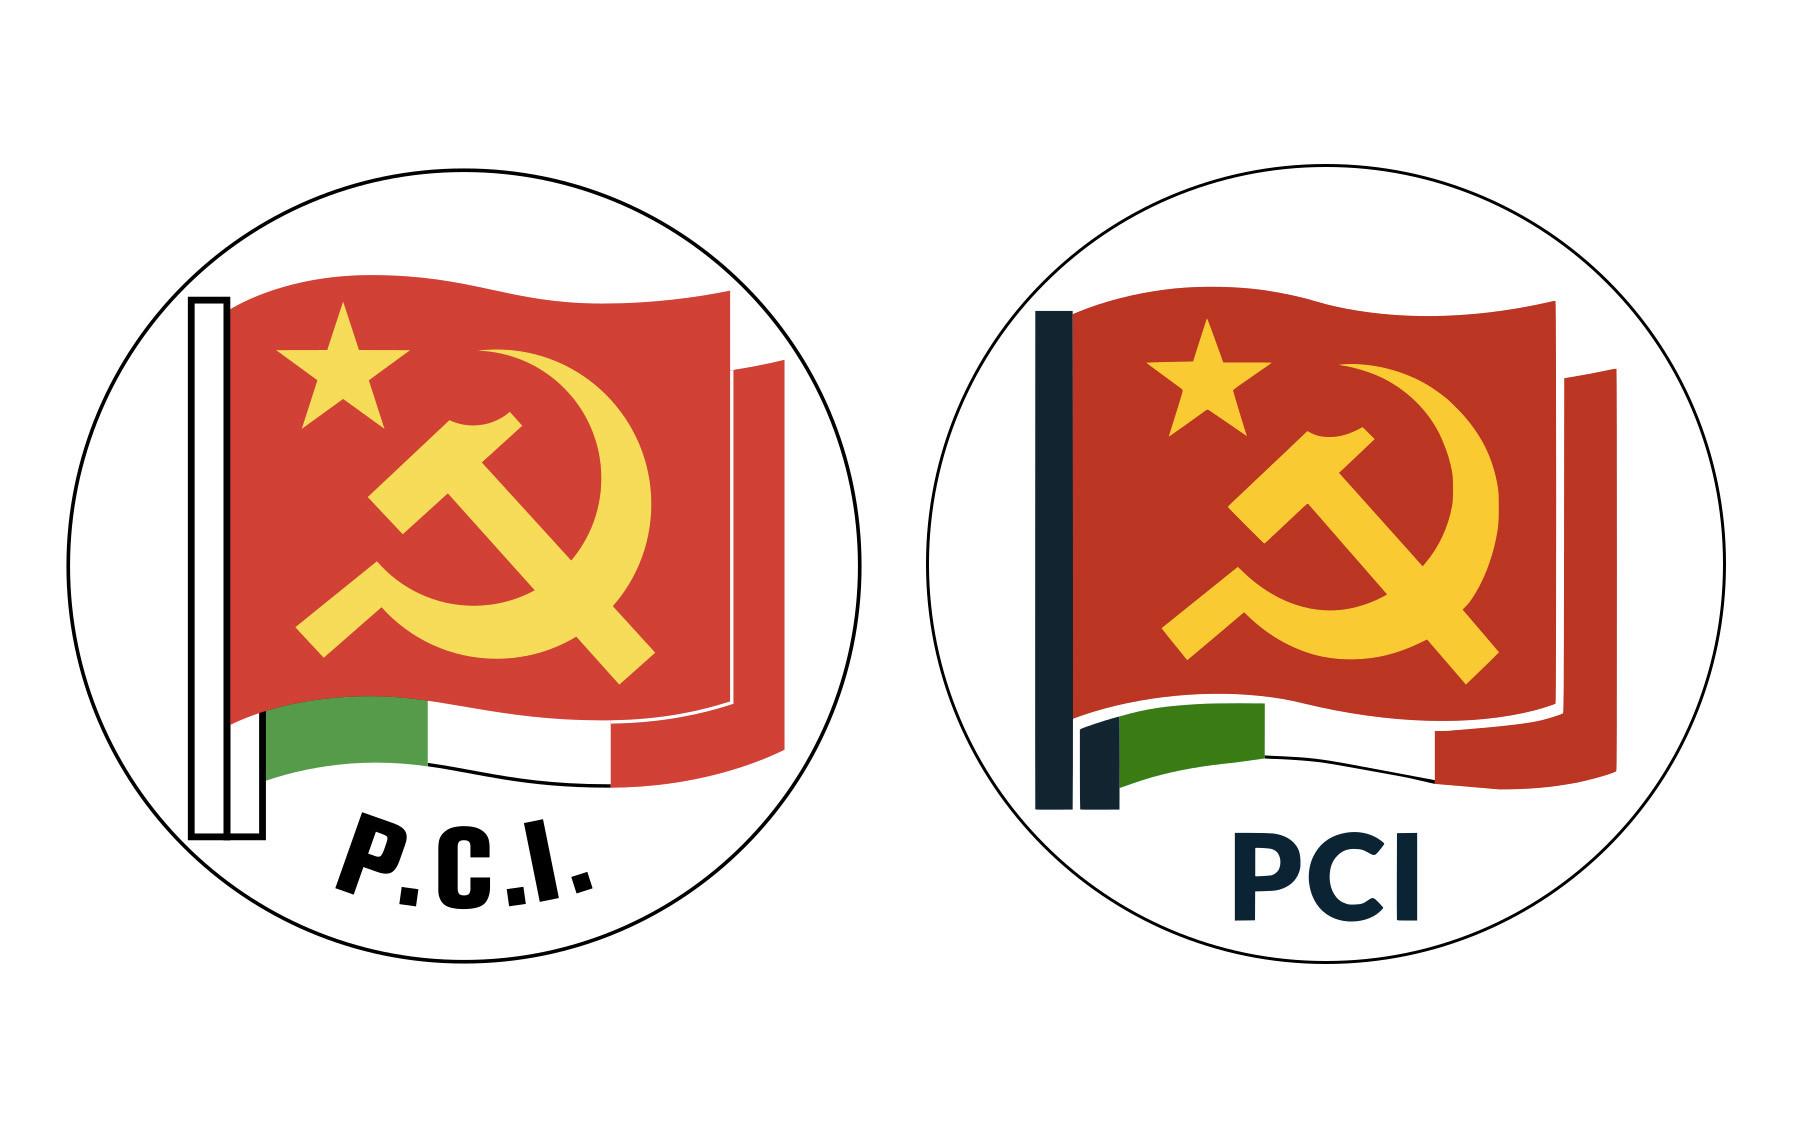 A sinistra, lo storico simbolo del Partito Comunista Italiano disegnato da Renato Guttuso e utilizzato dal 1953 al 1991. A destra, quello del Partito Comunista Italiano, realizzato nel 2016